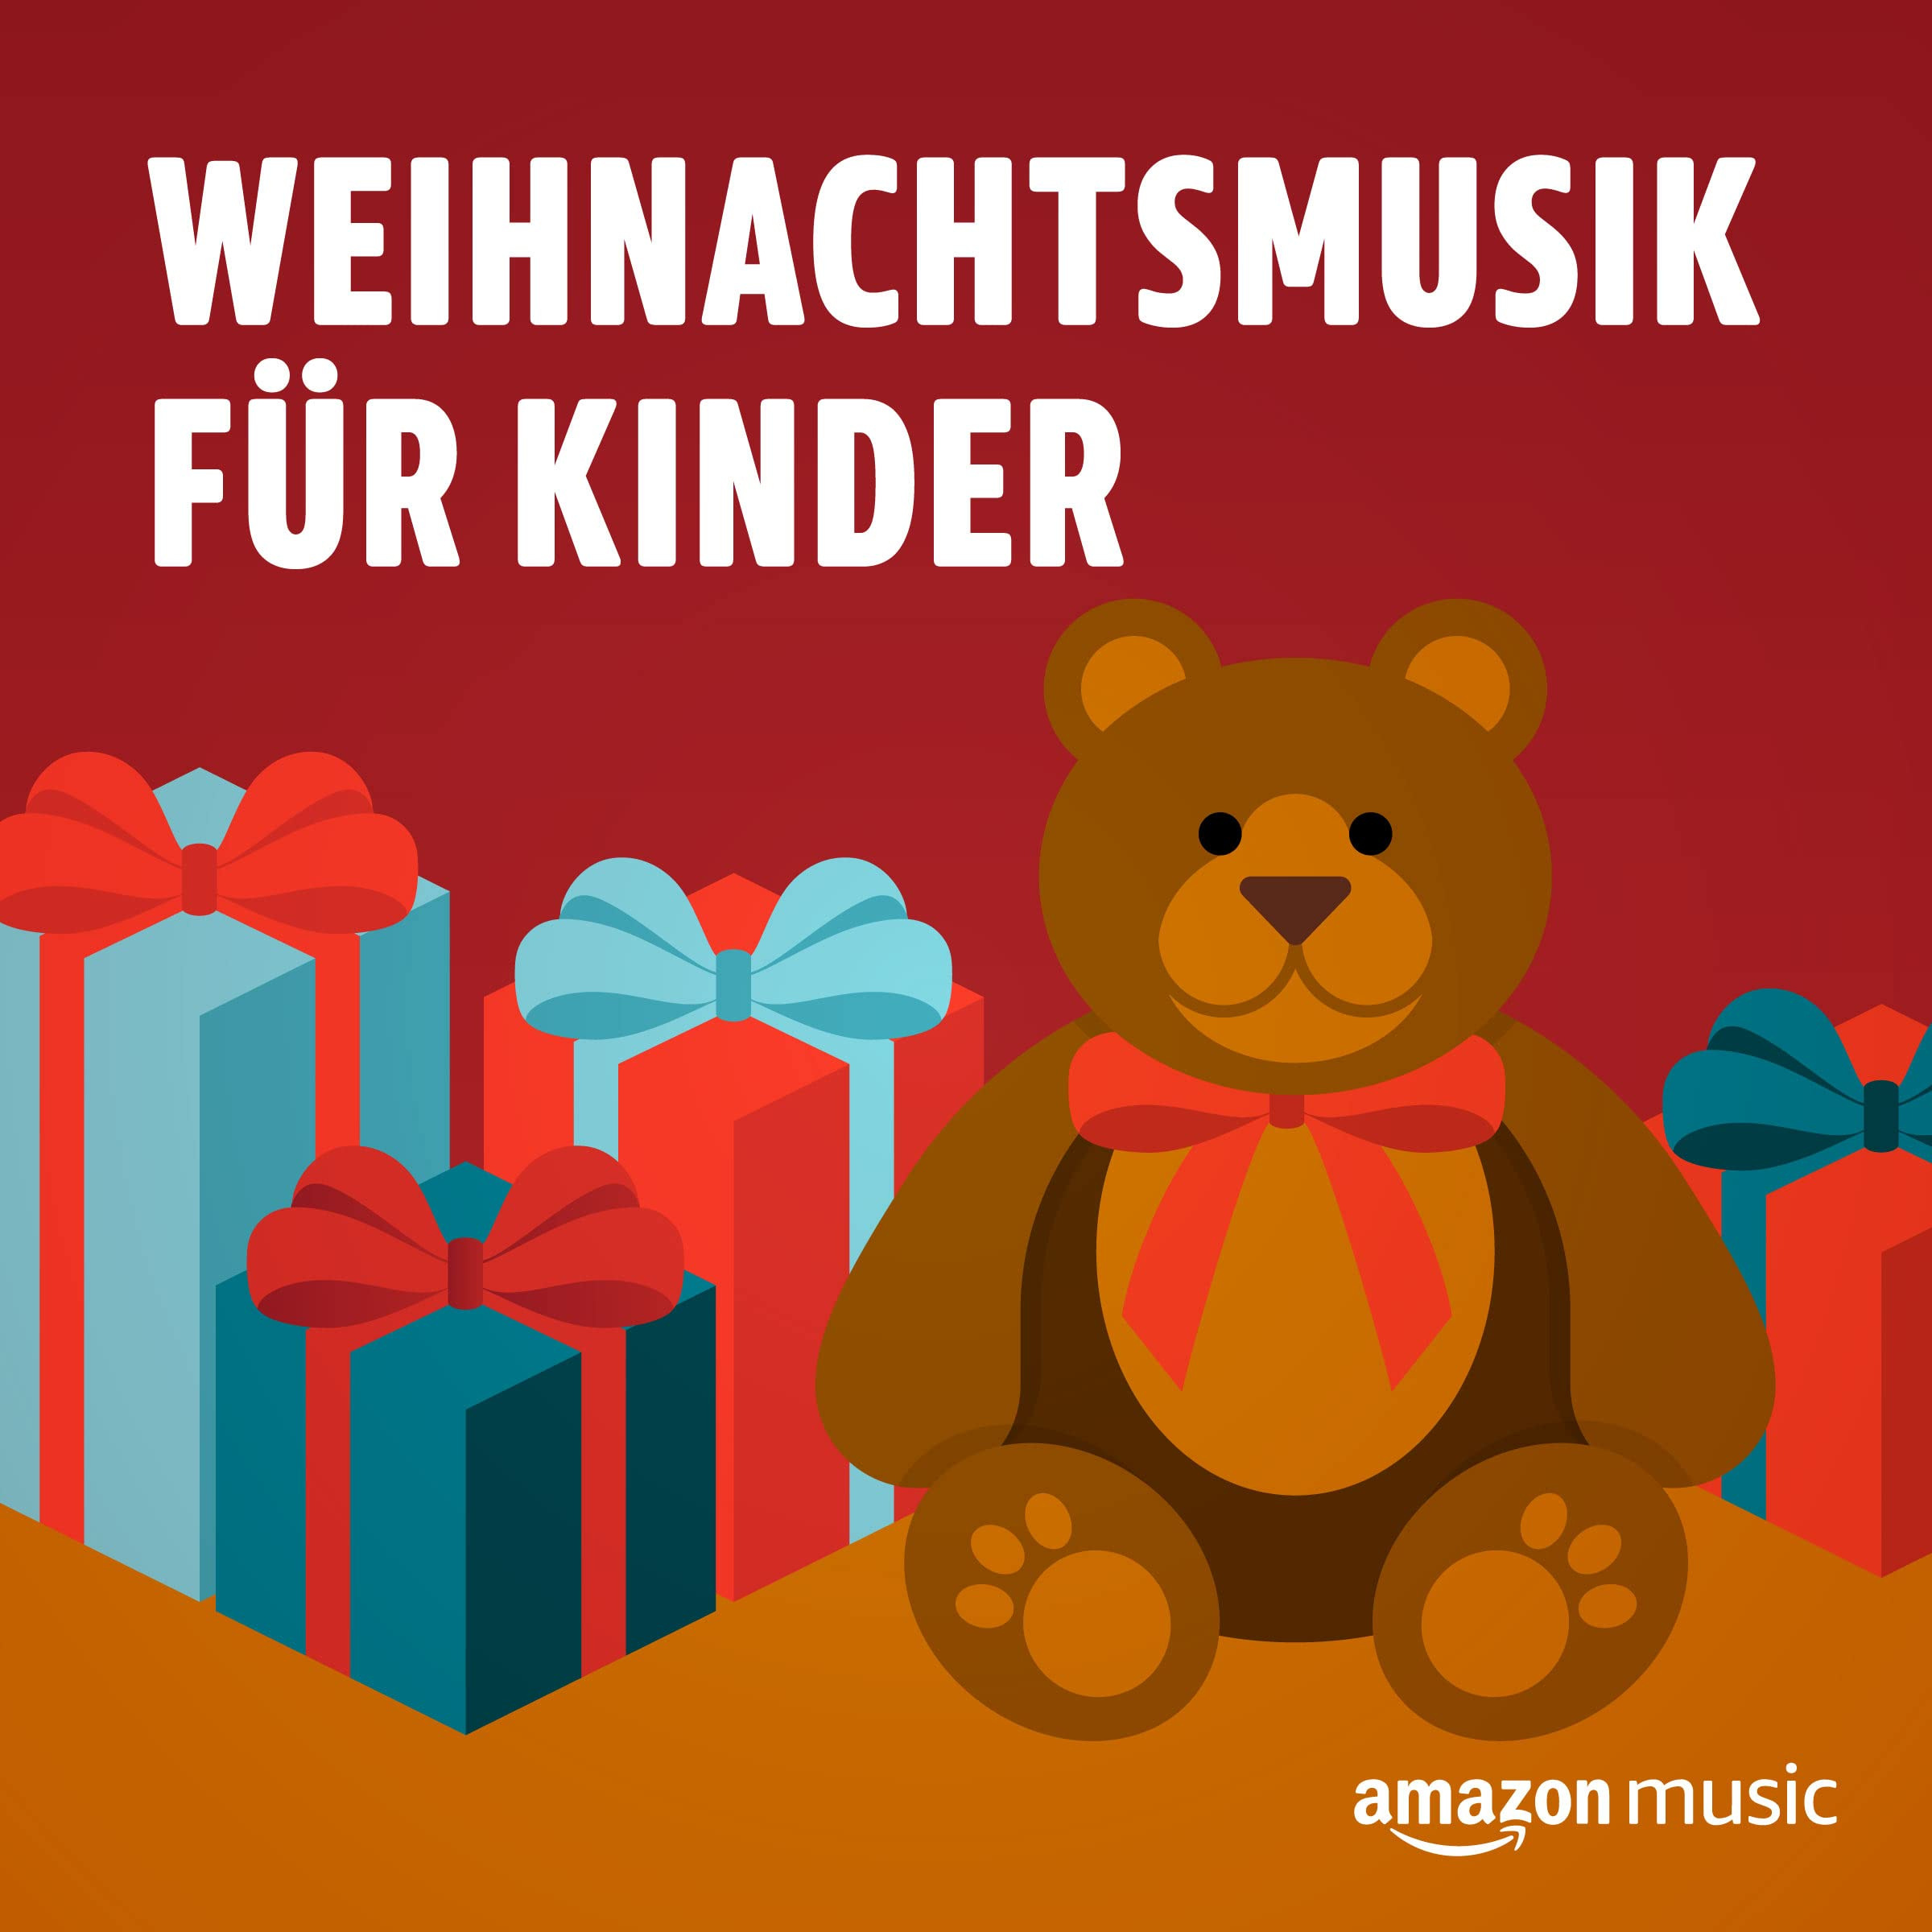 Weihnachtsmusik für Kinder